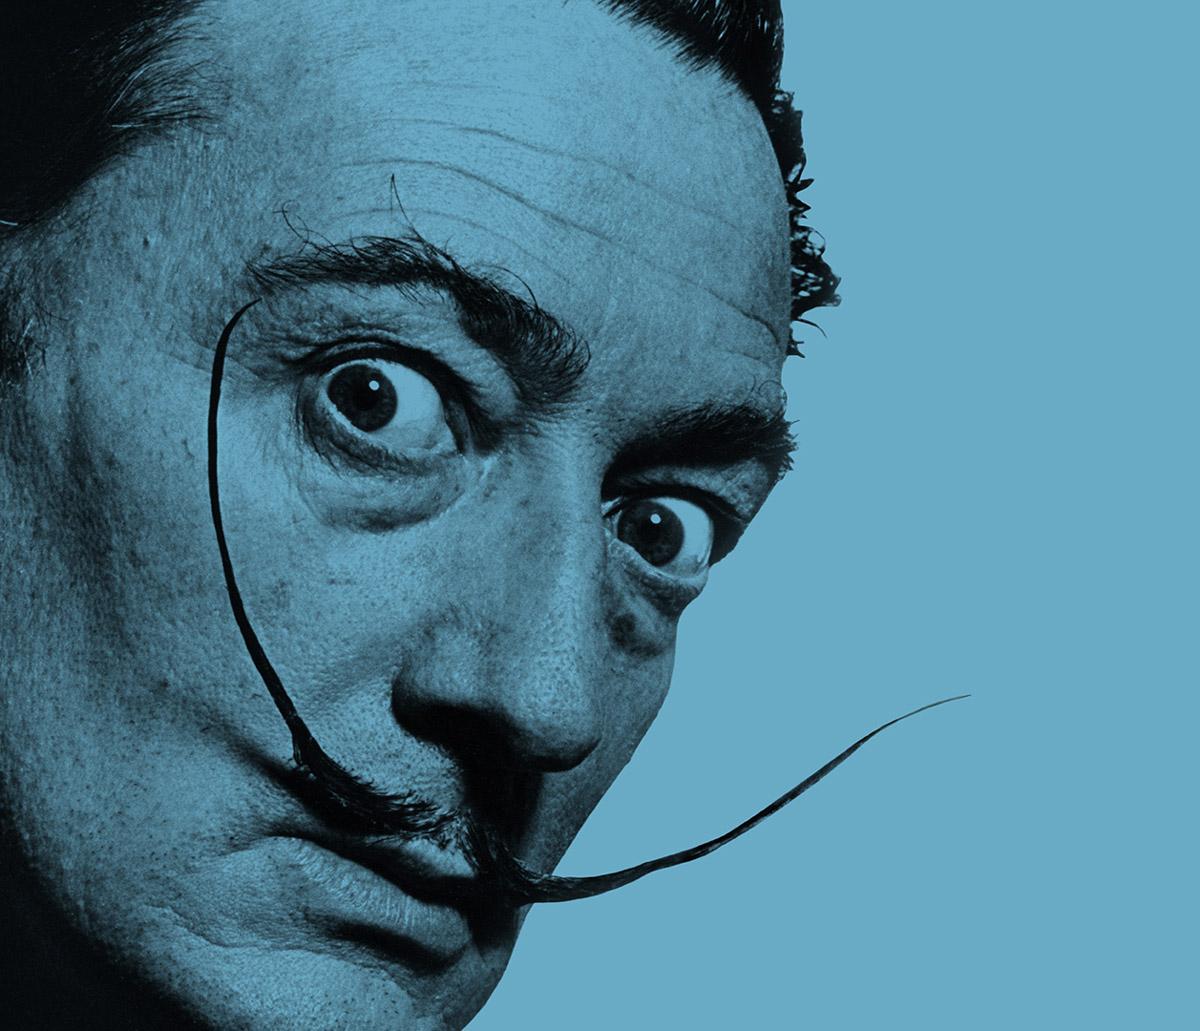 Filmový uzel Zlín - Salvador Dalí